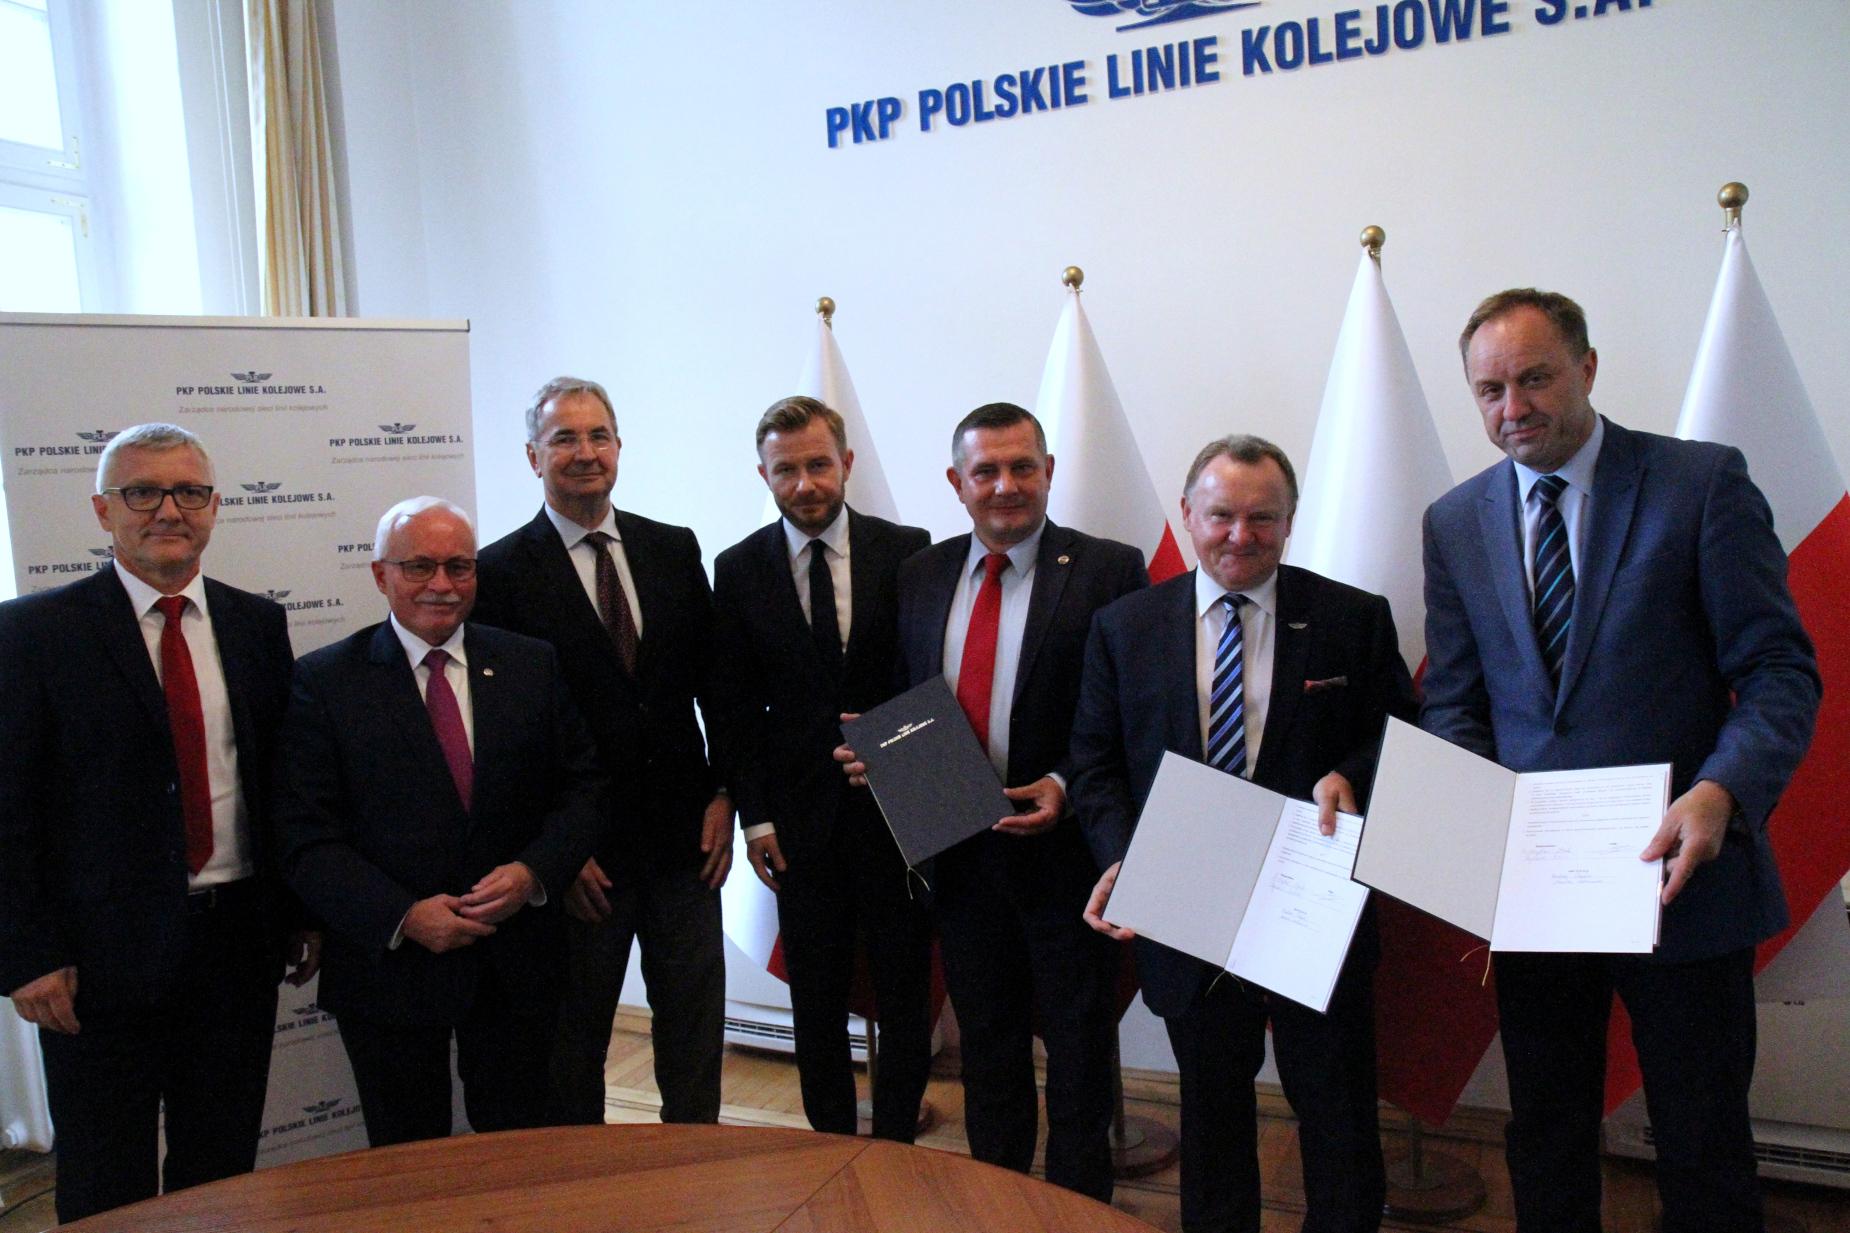 Reaktywacja linii kolejowej z Gdańska do Kartuz przez Starą Piłę coraz bliżej. Trójstronne porozumienie w Warszawie